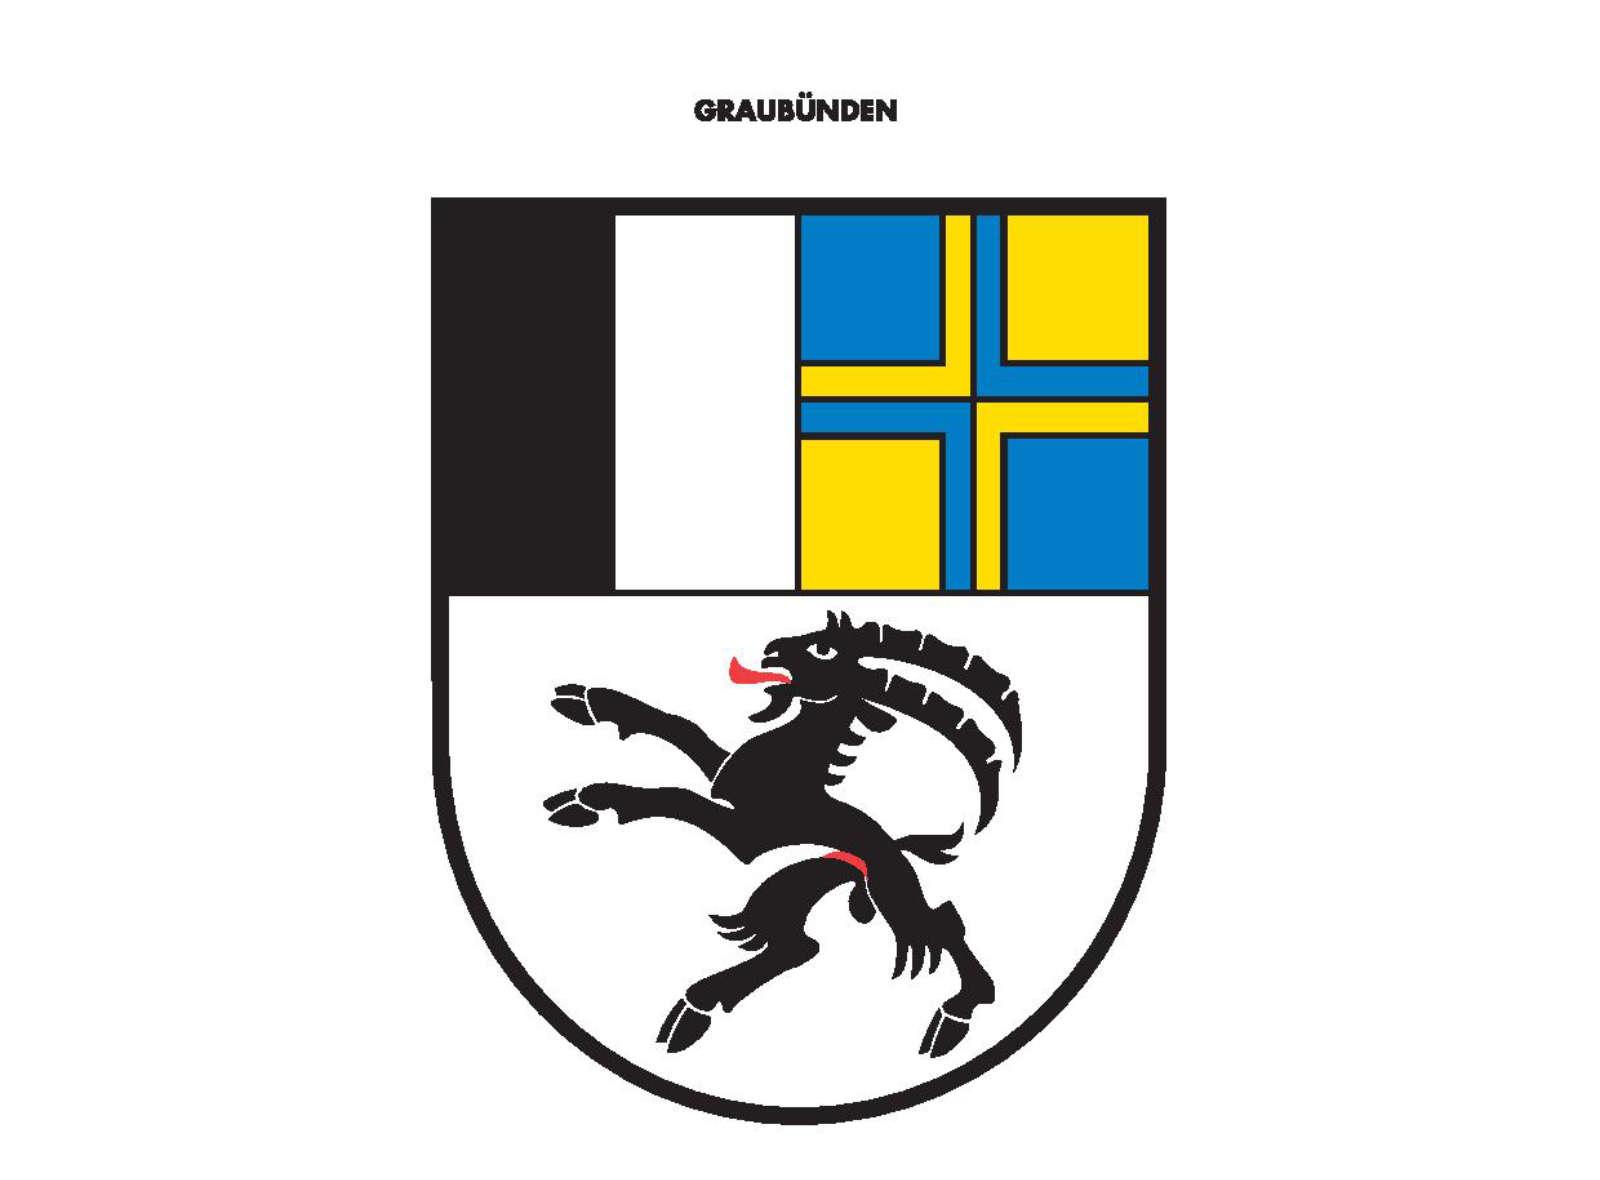 Schweizer Kantone – Graubünden